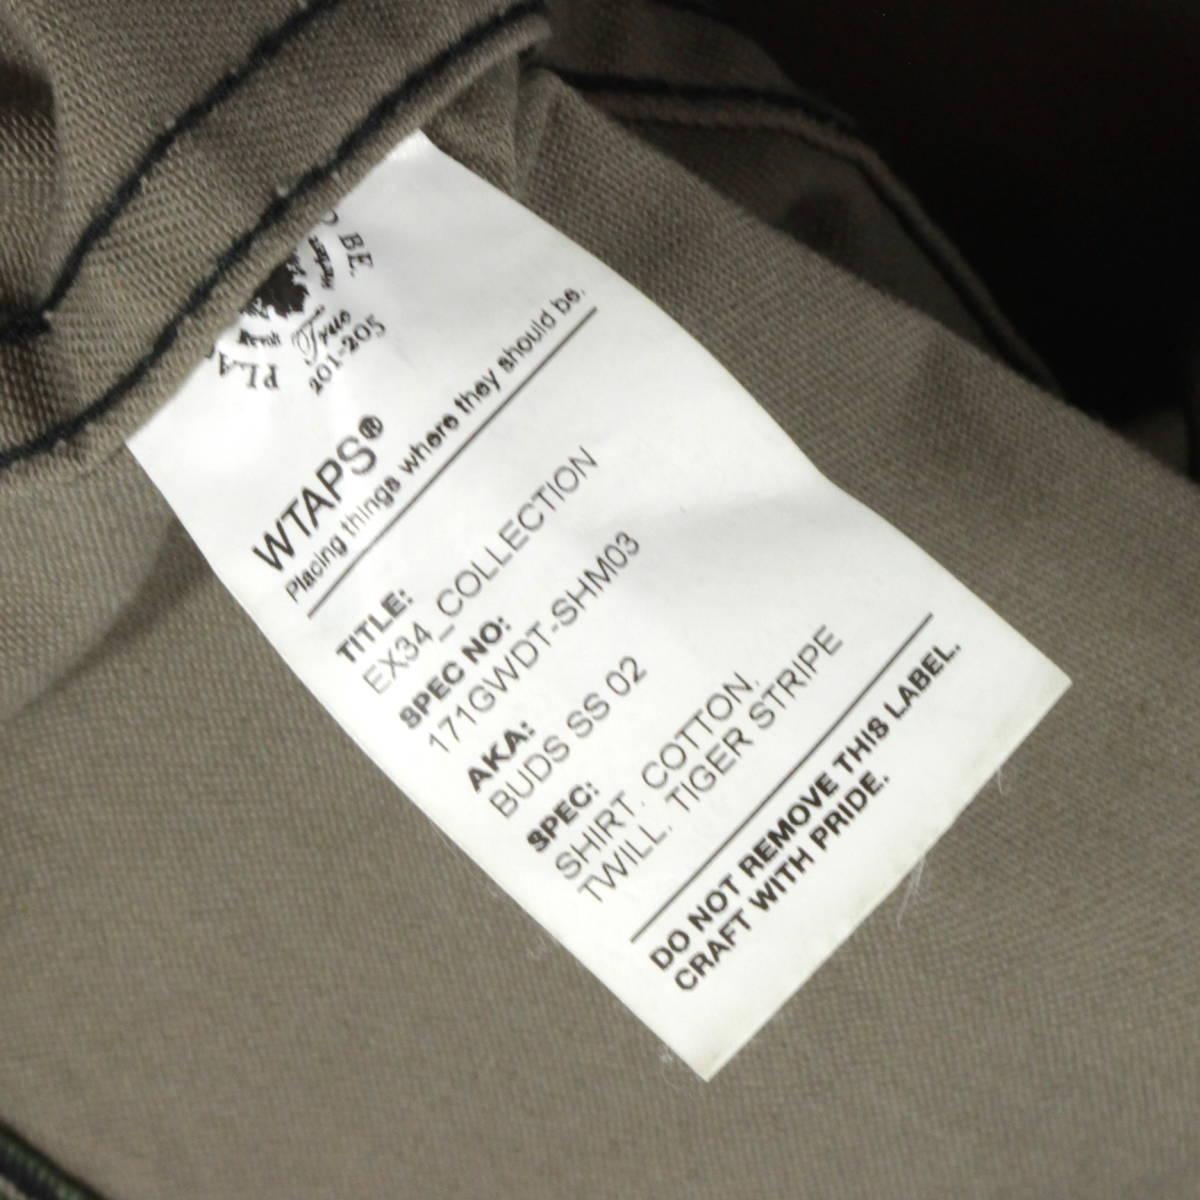 【即完売】WTAPS 17SS BUDS SS JUNGLE SHIRT TIGER STRIPE オーバーサイズ ミリタリーシャツ 1 S タイガーカモ 迷彩 ダブルタップス_画像10